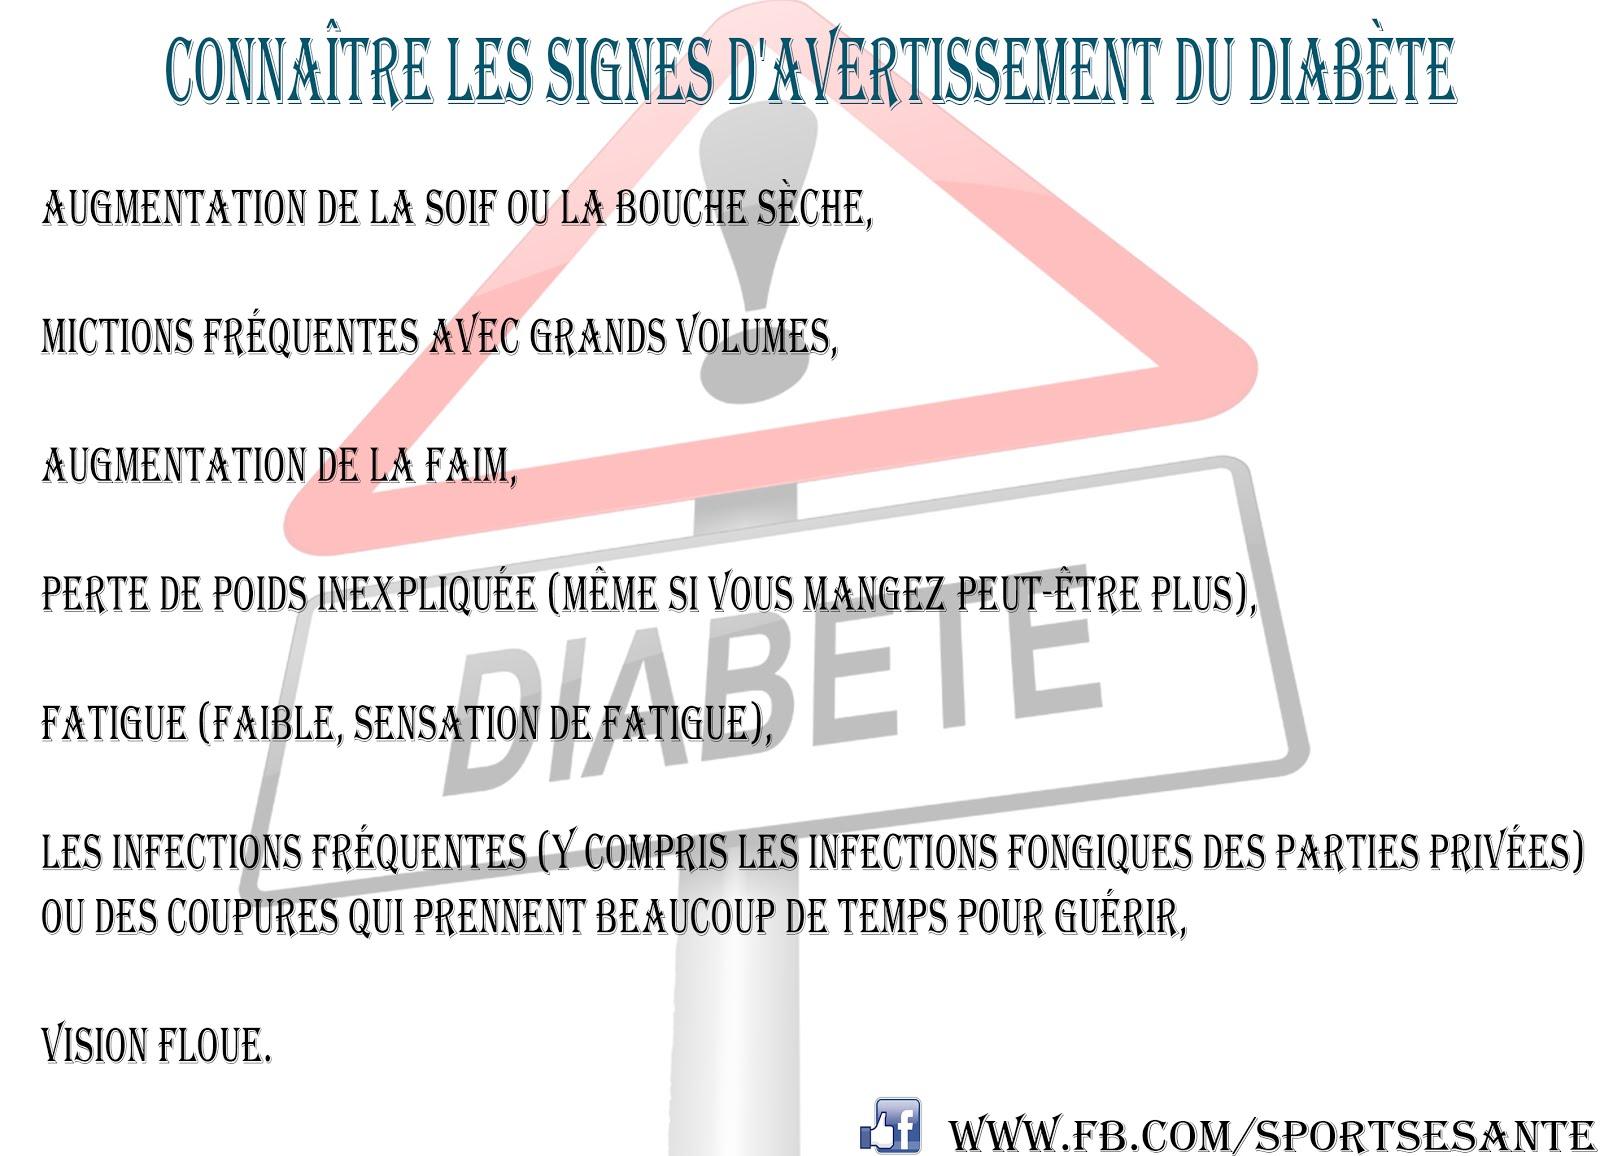 DIABÈTE : 10 SYMPTÔMES À CONNAÎTRE | DiabeteMagazine